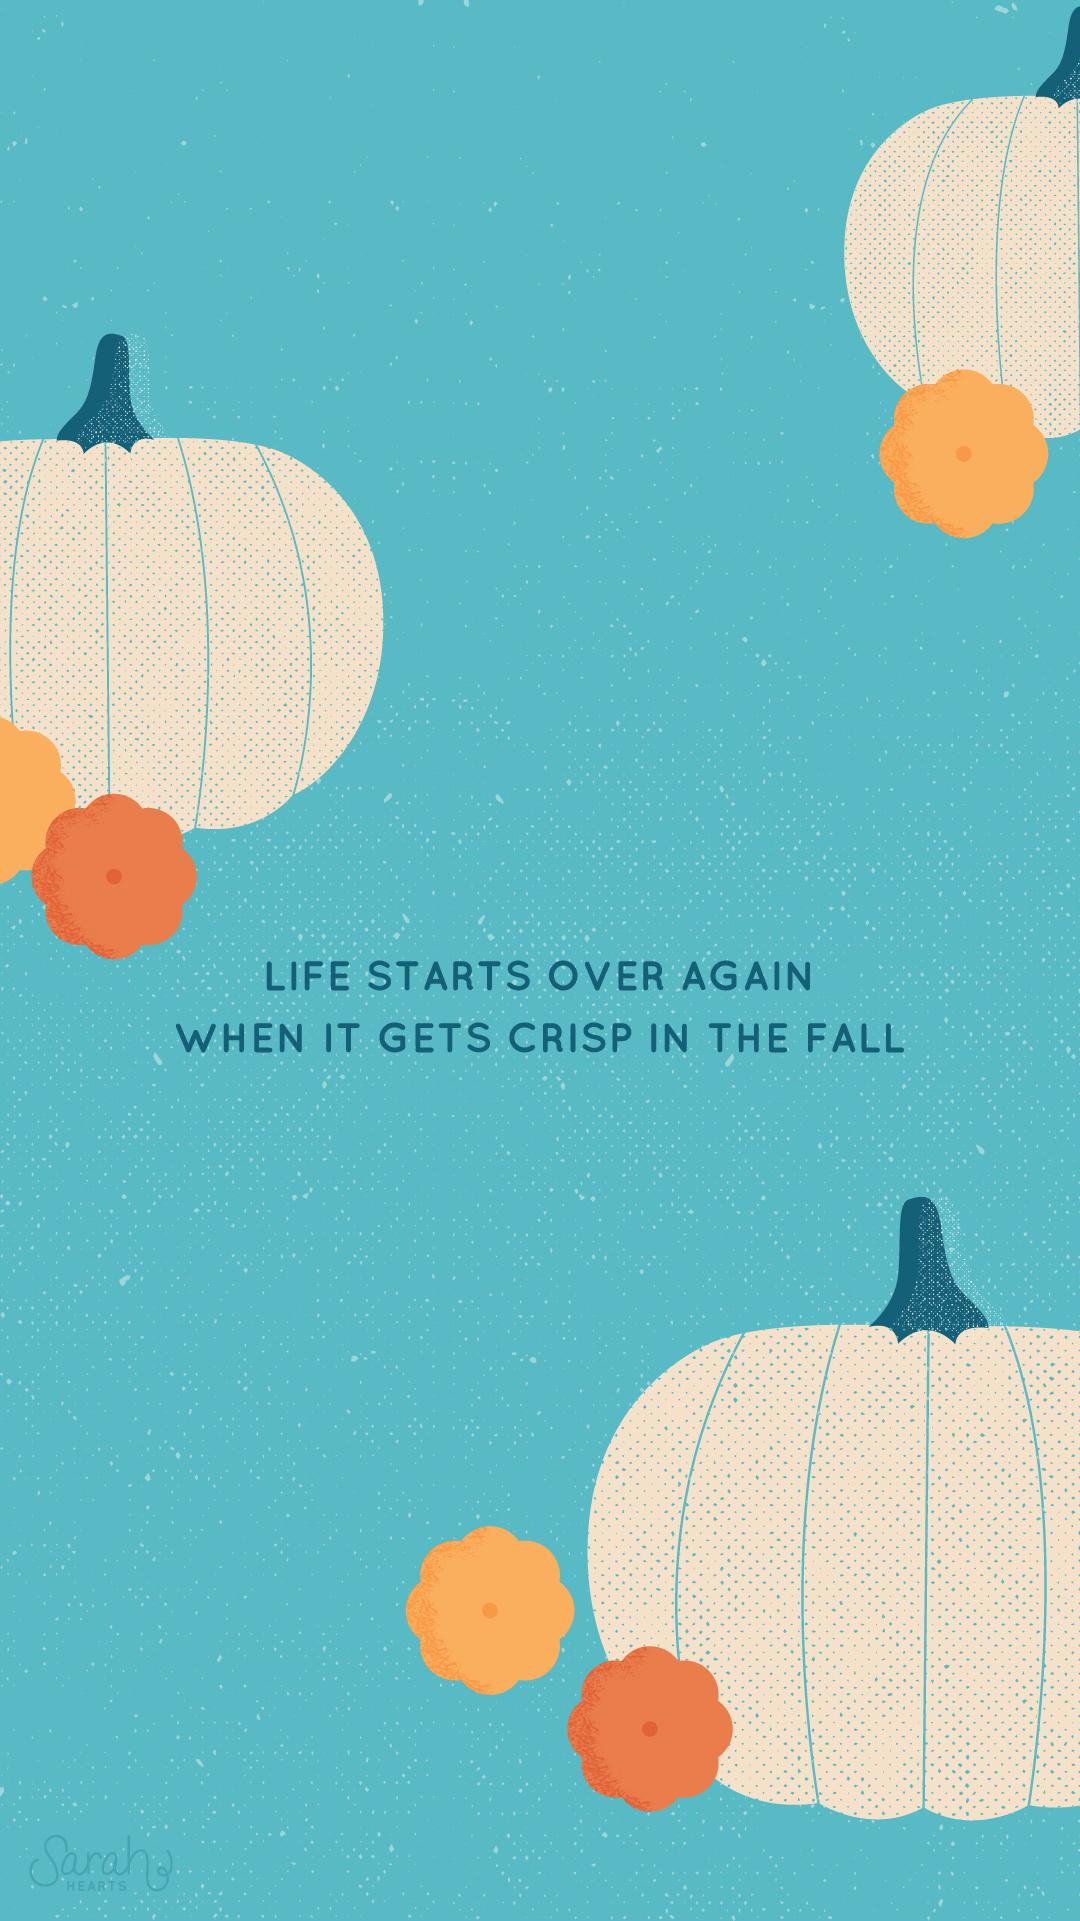 秋のホーム画面の壁紙iphone 10月のiphoneの壁紙 641x1137 Wallpapertip